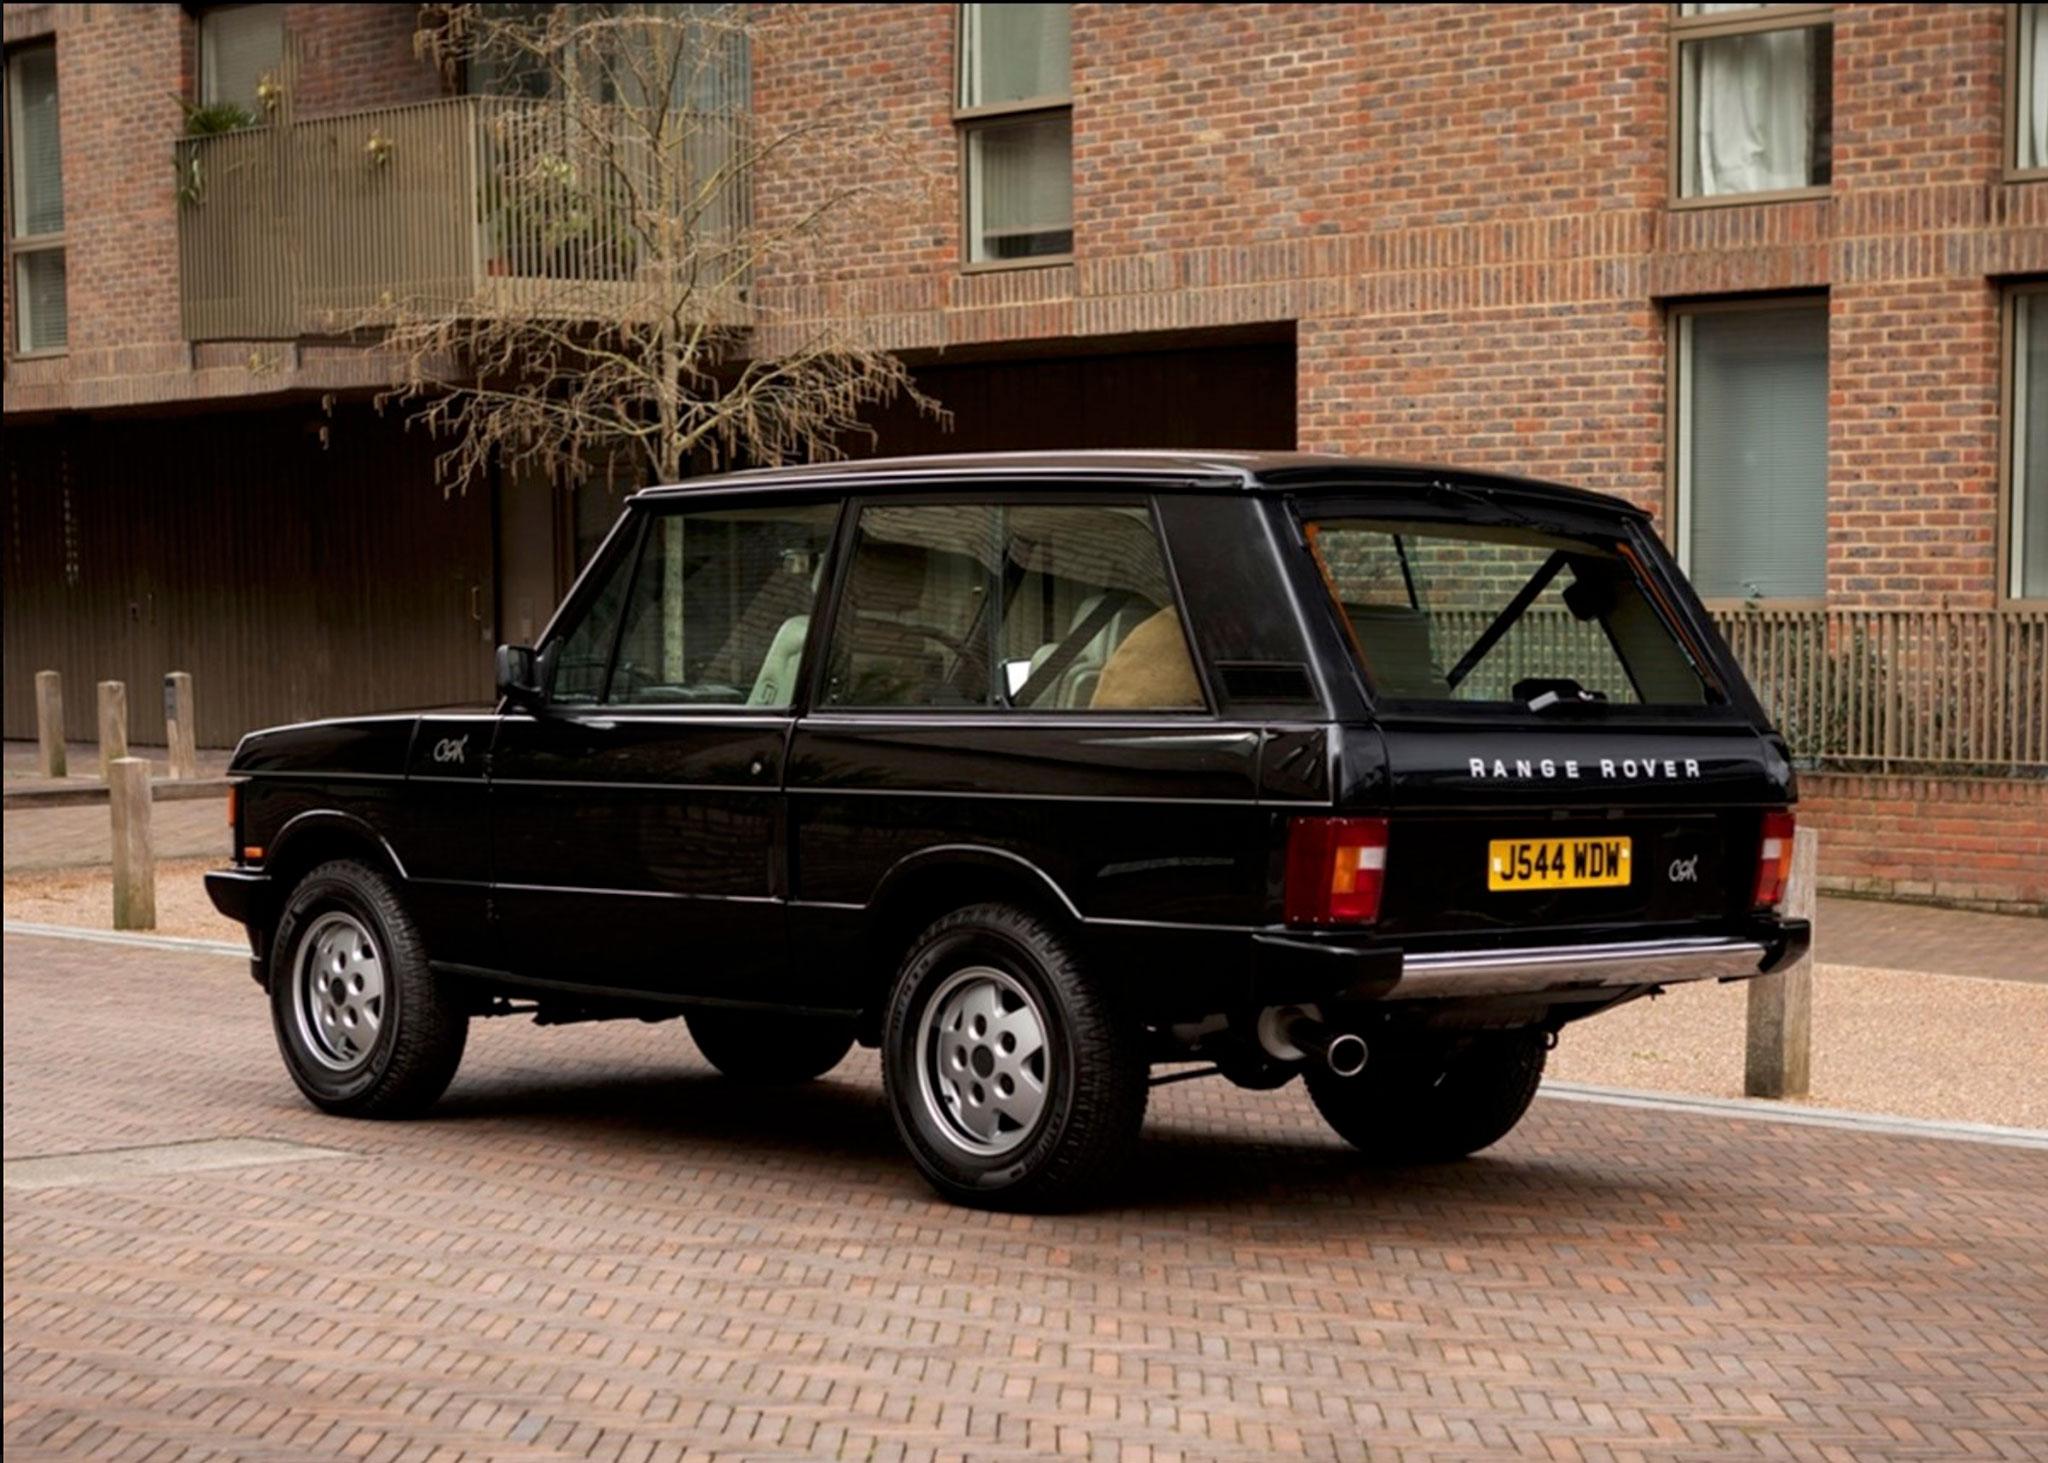 1991 Range Rover CSK trois autocollants blancs CSK apposés sur le bas du hayon et le haut des deux ailes avant - Coups de Coeur Historics Auctioneers.